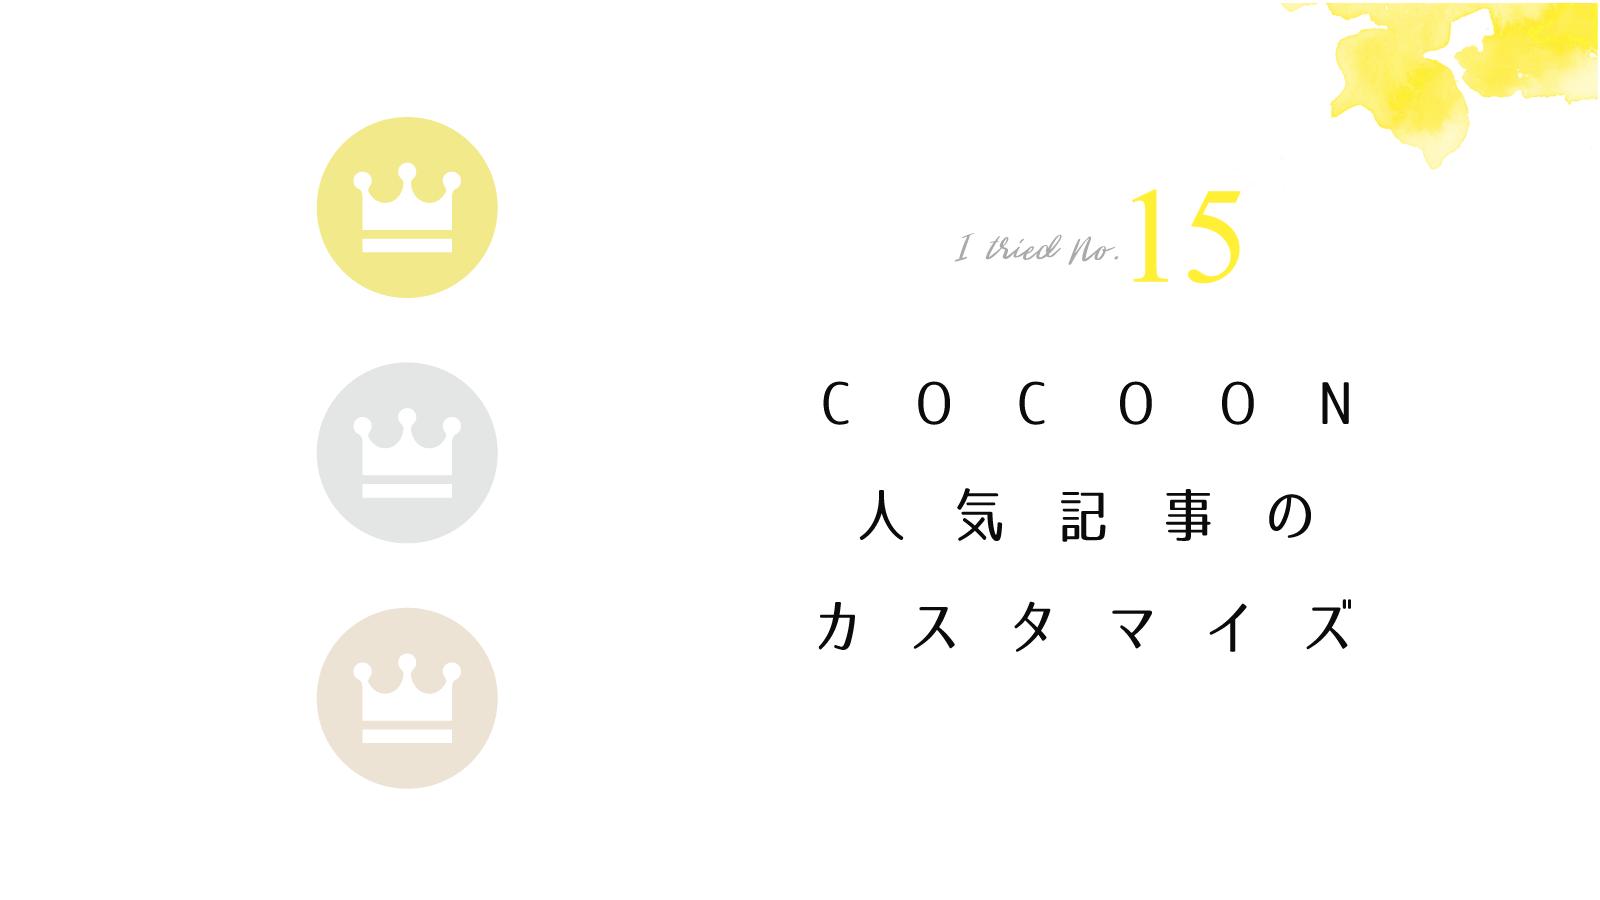 Cocoon カスタマイズ 初心者 人気記事ランキング